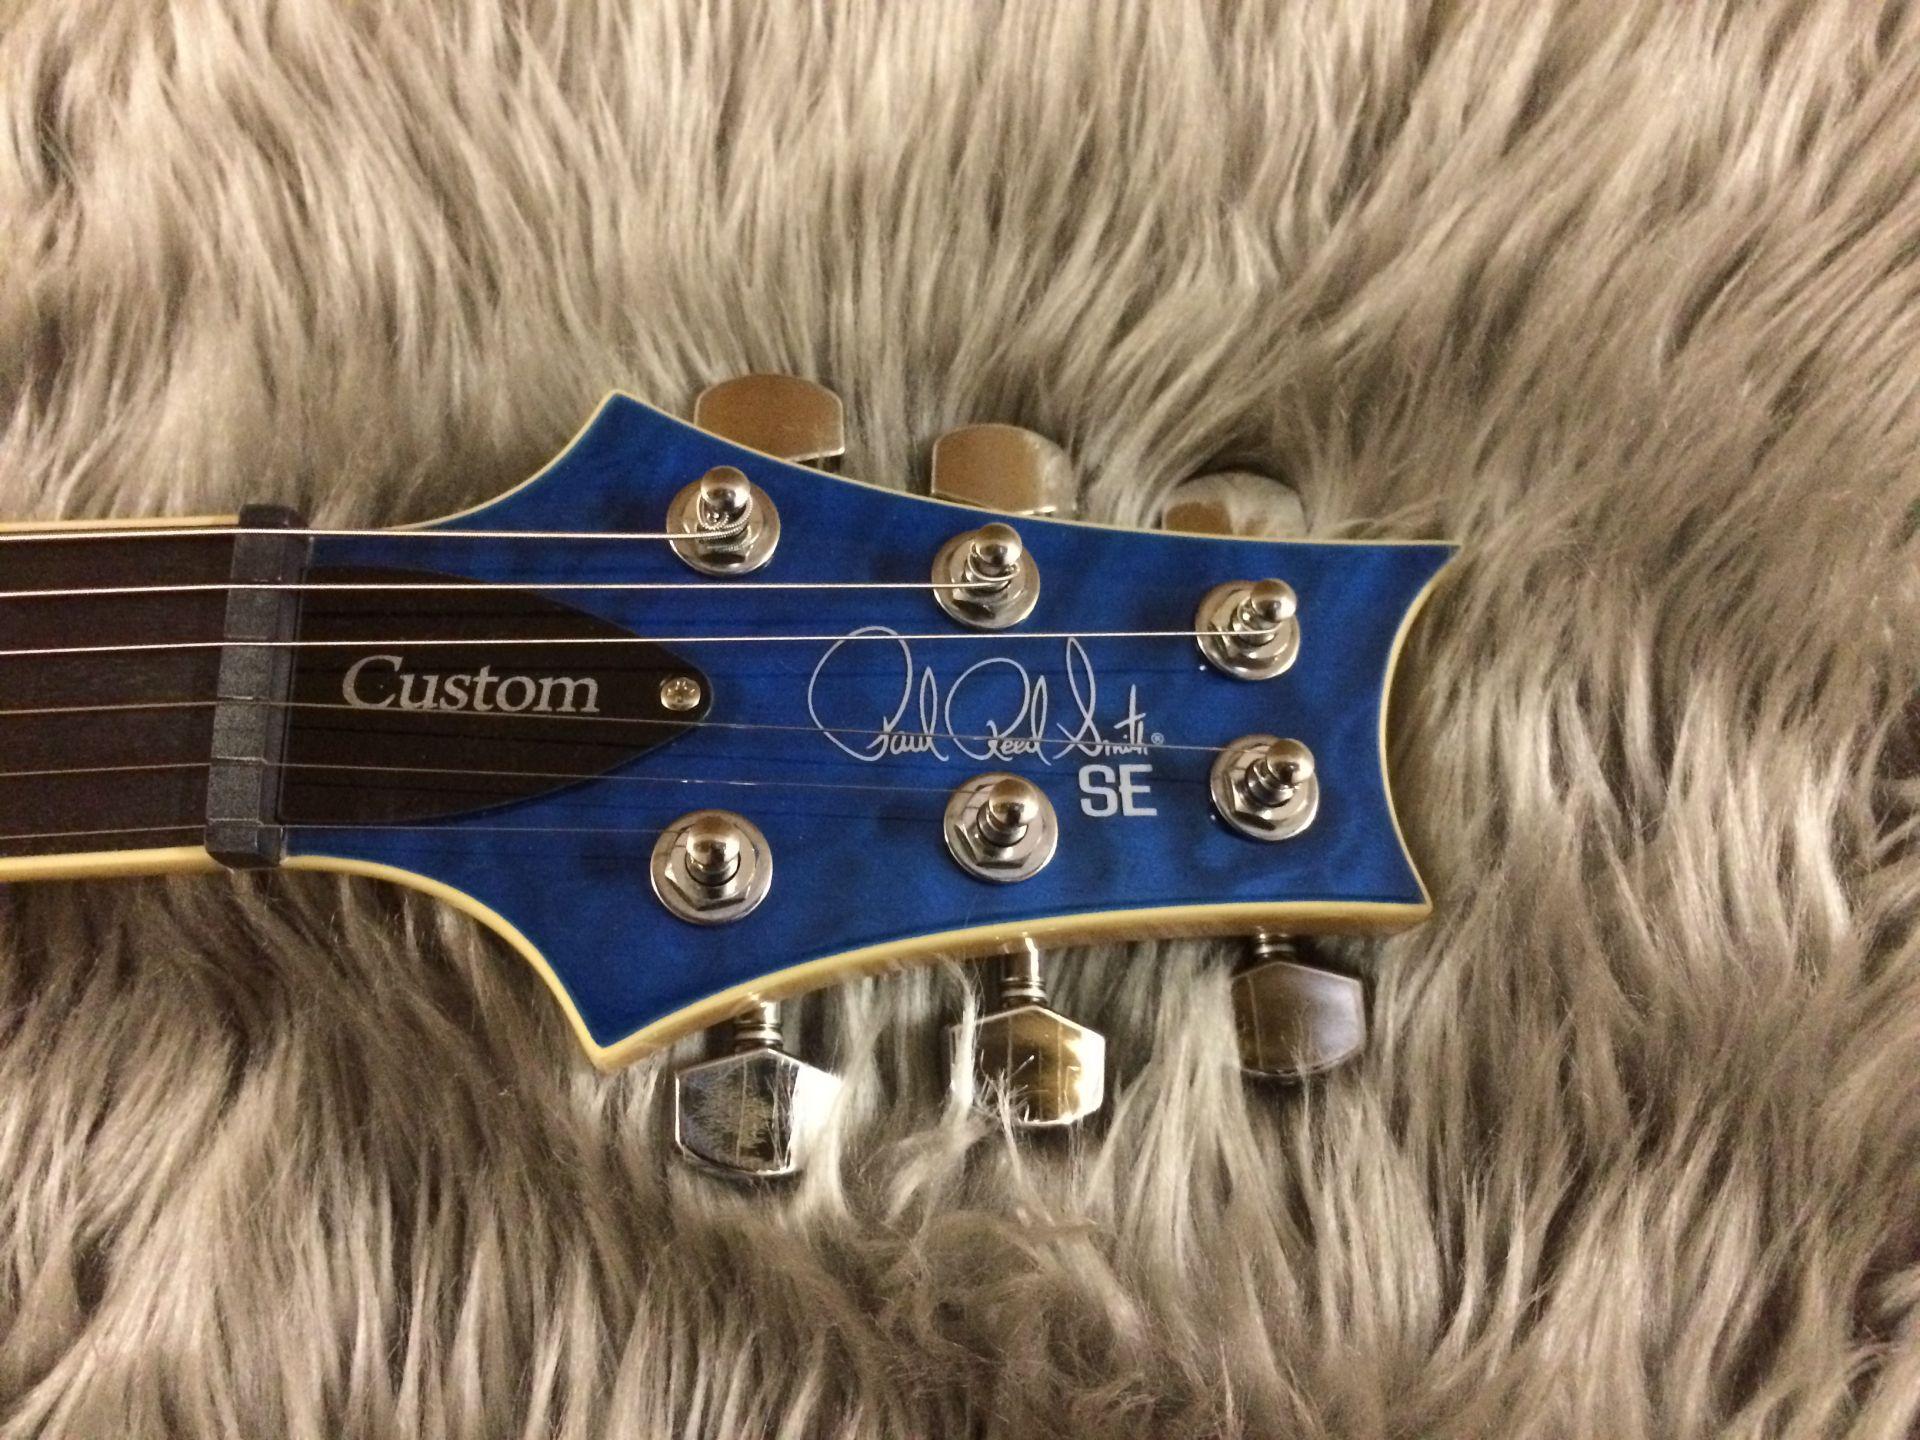 SE CUSTOM 24 QM LTDのヘッド画像